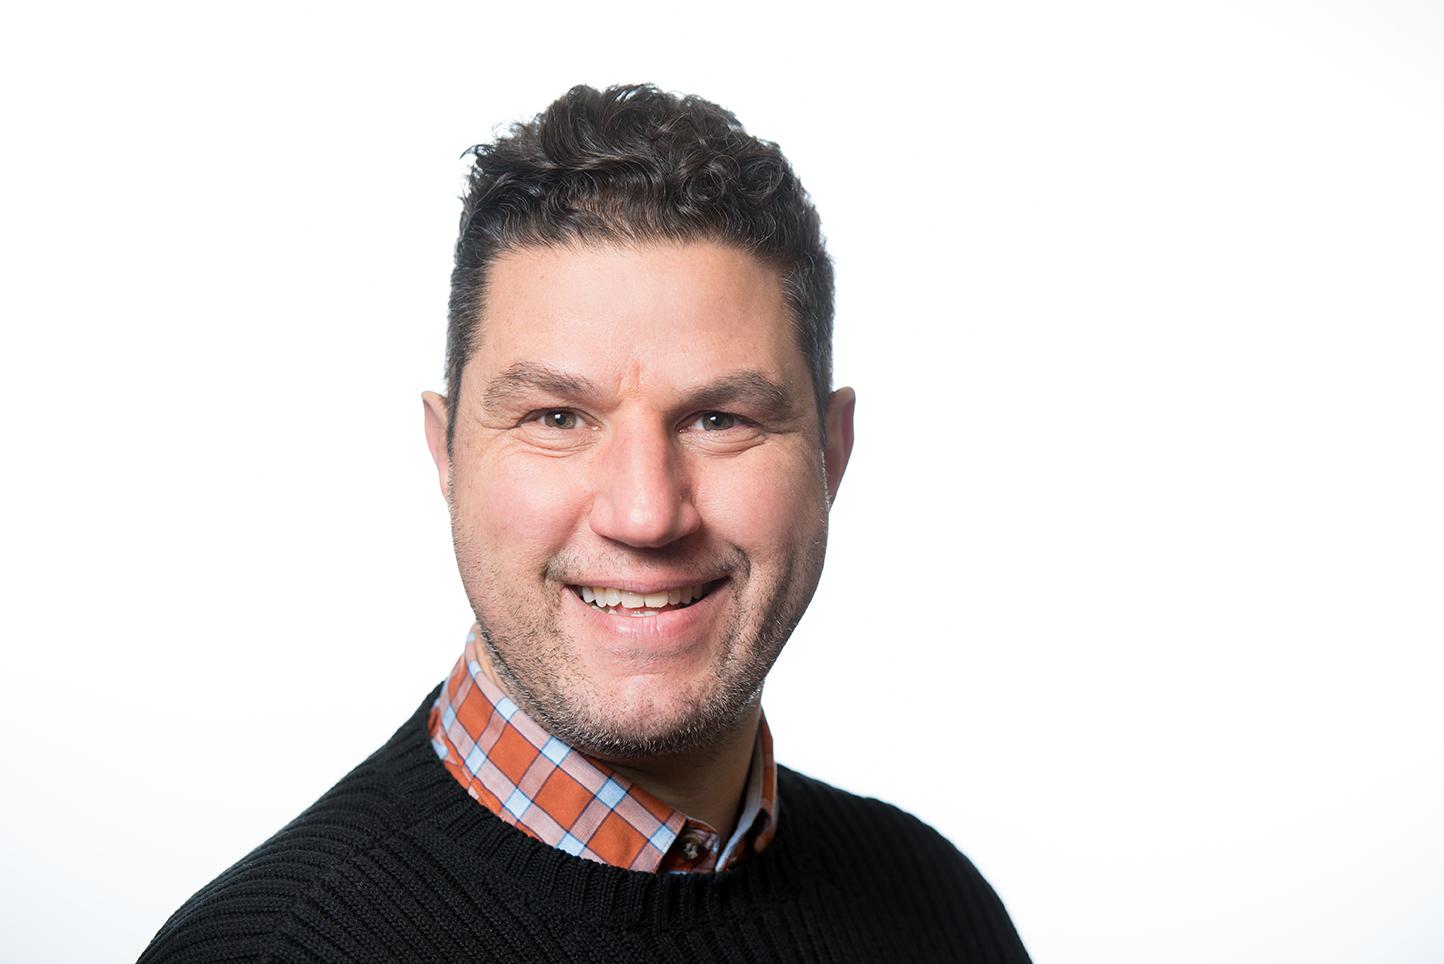 Michael Poplawski